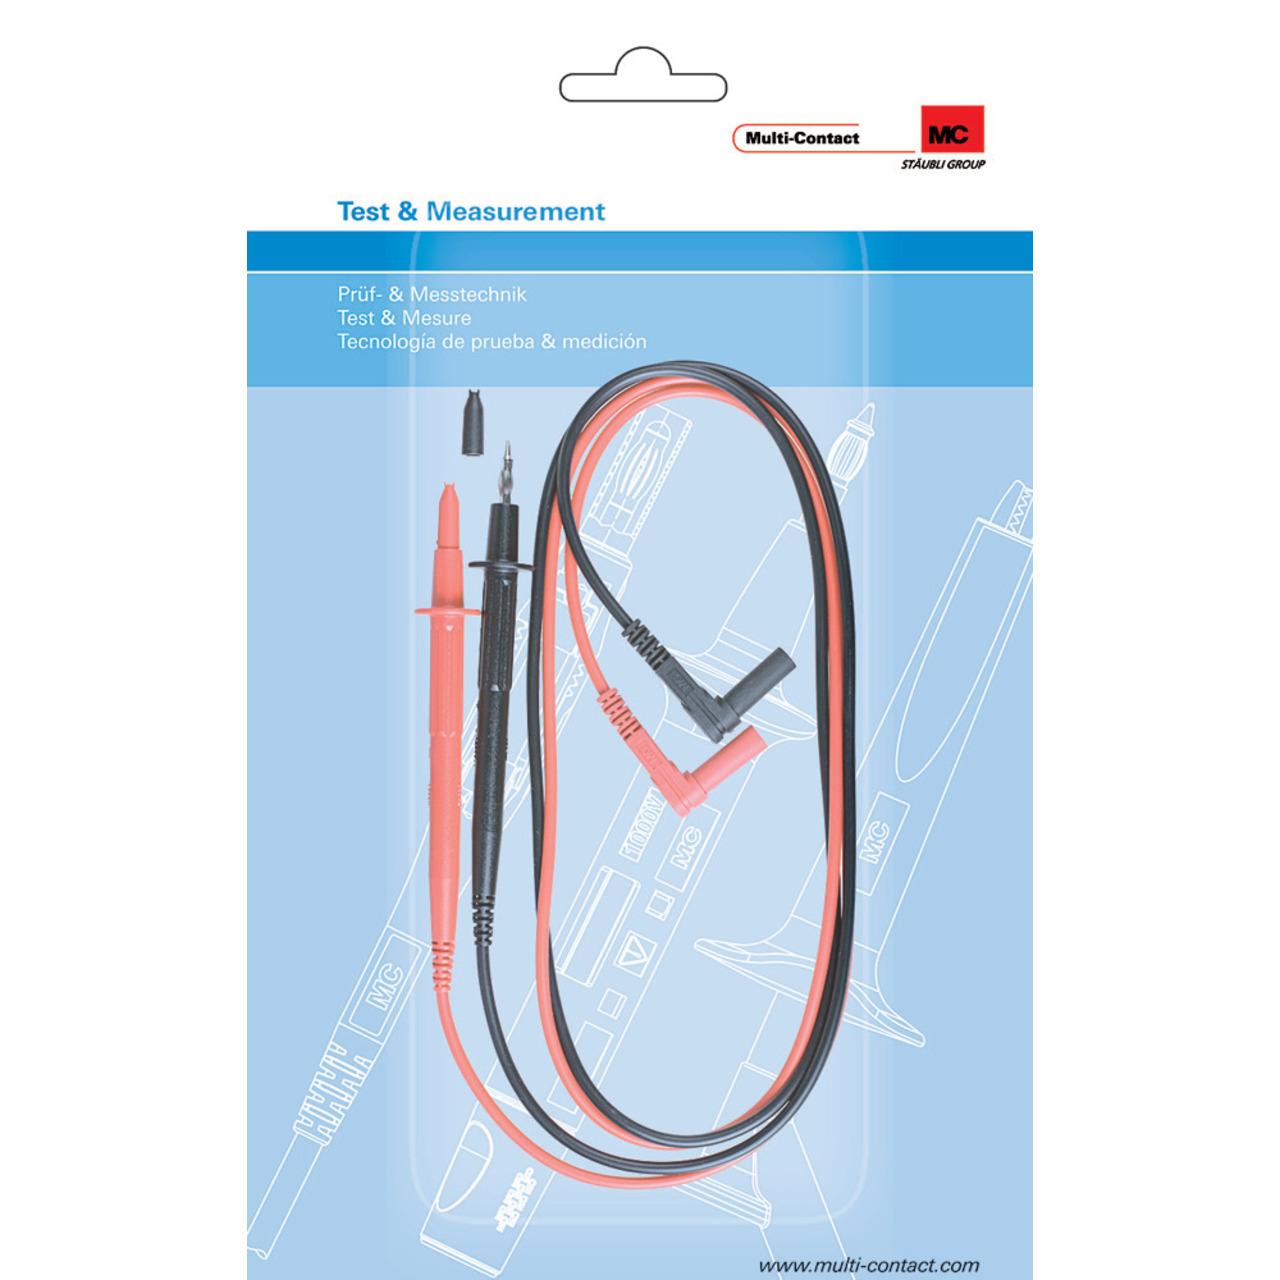 Multi-Contact Sicherheits-Messleitungen mit Prüfspitzen E4S-140- 4 mm- 1 m- schwarz-rot